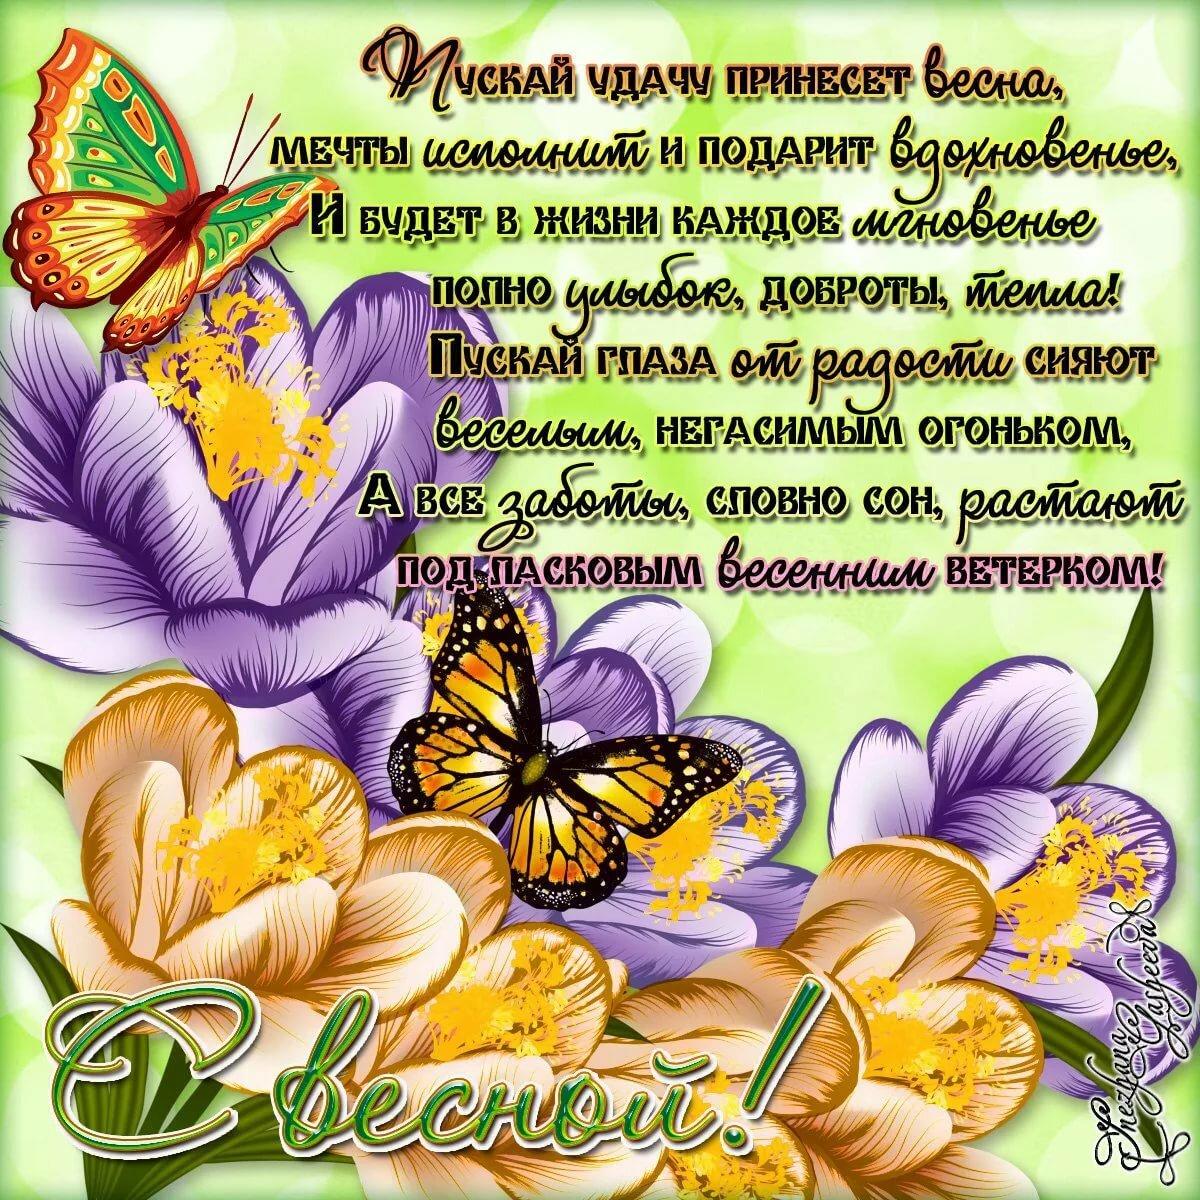 Открытки весенние с пожеланиями, надпись открытке